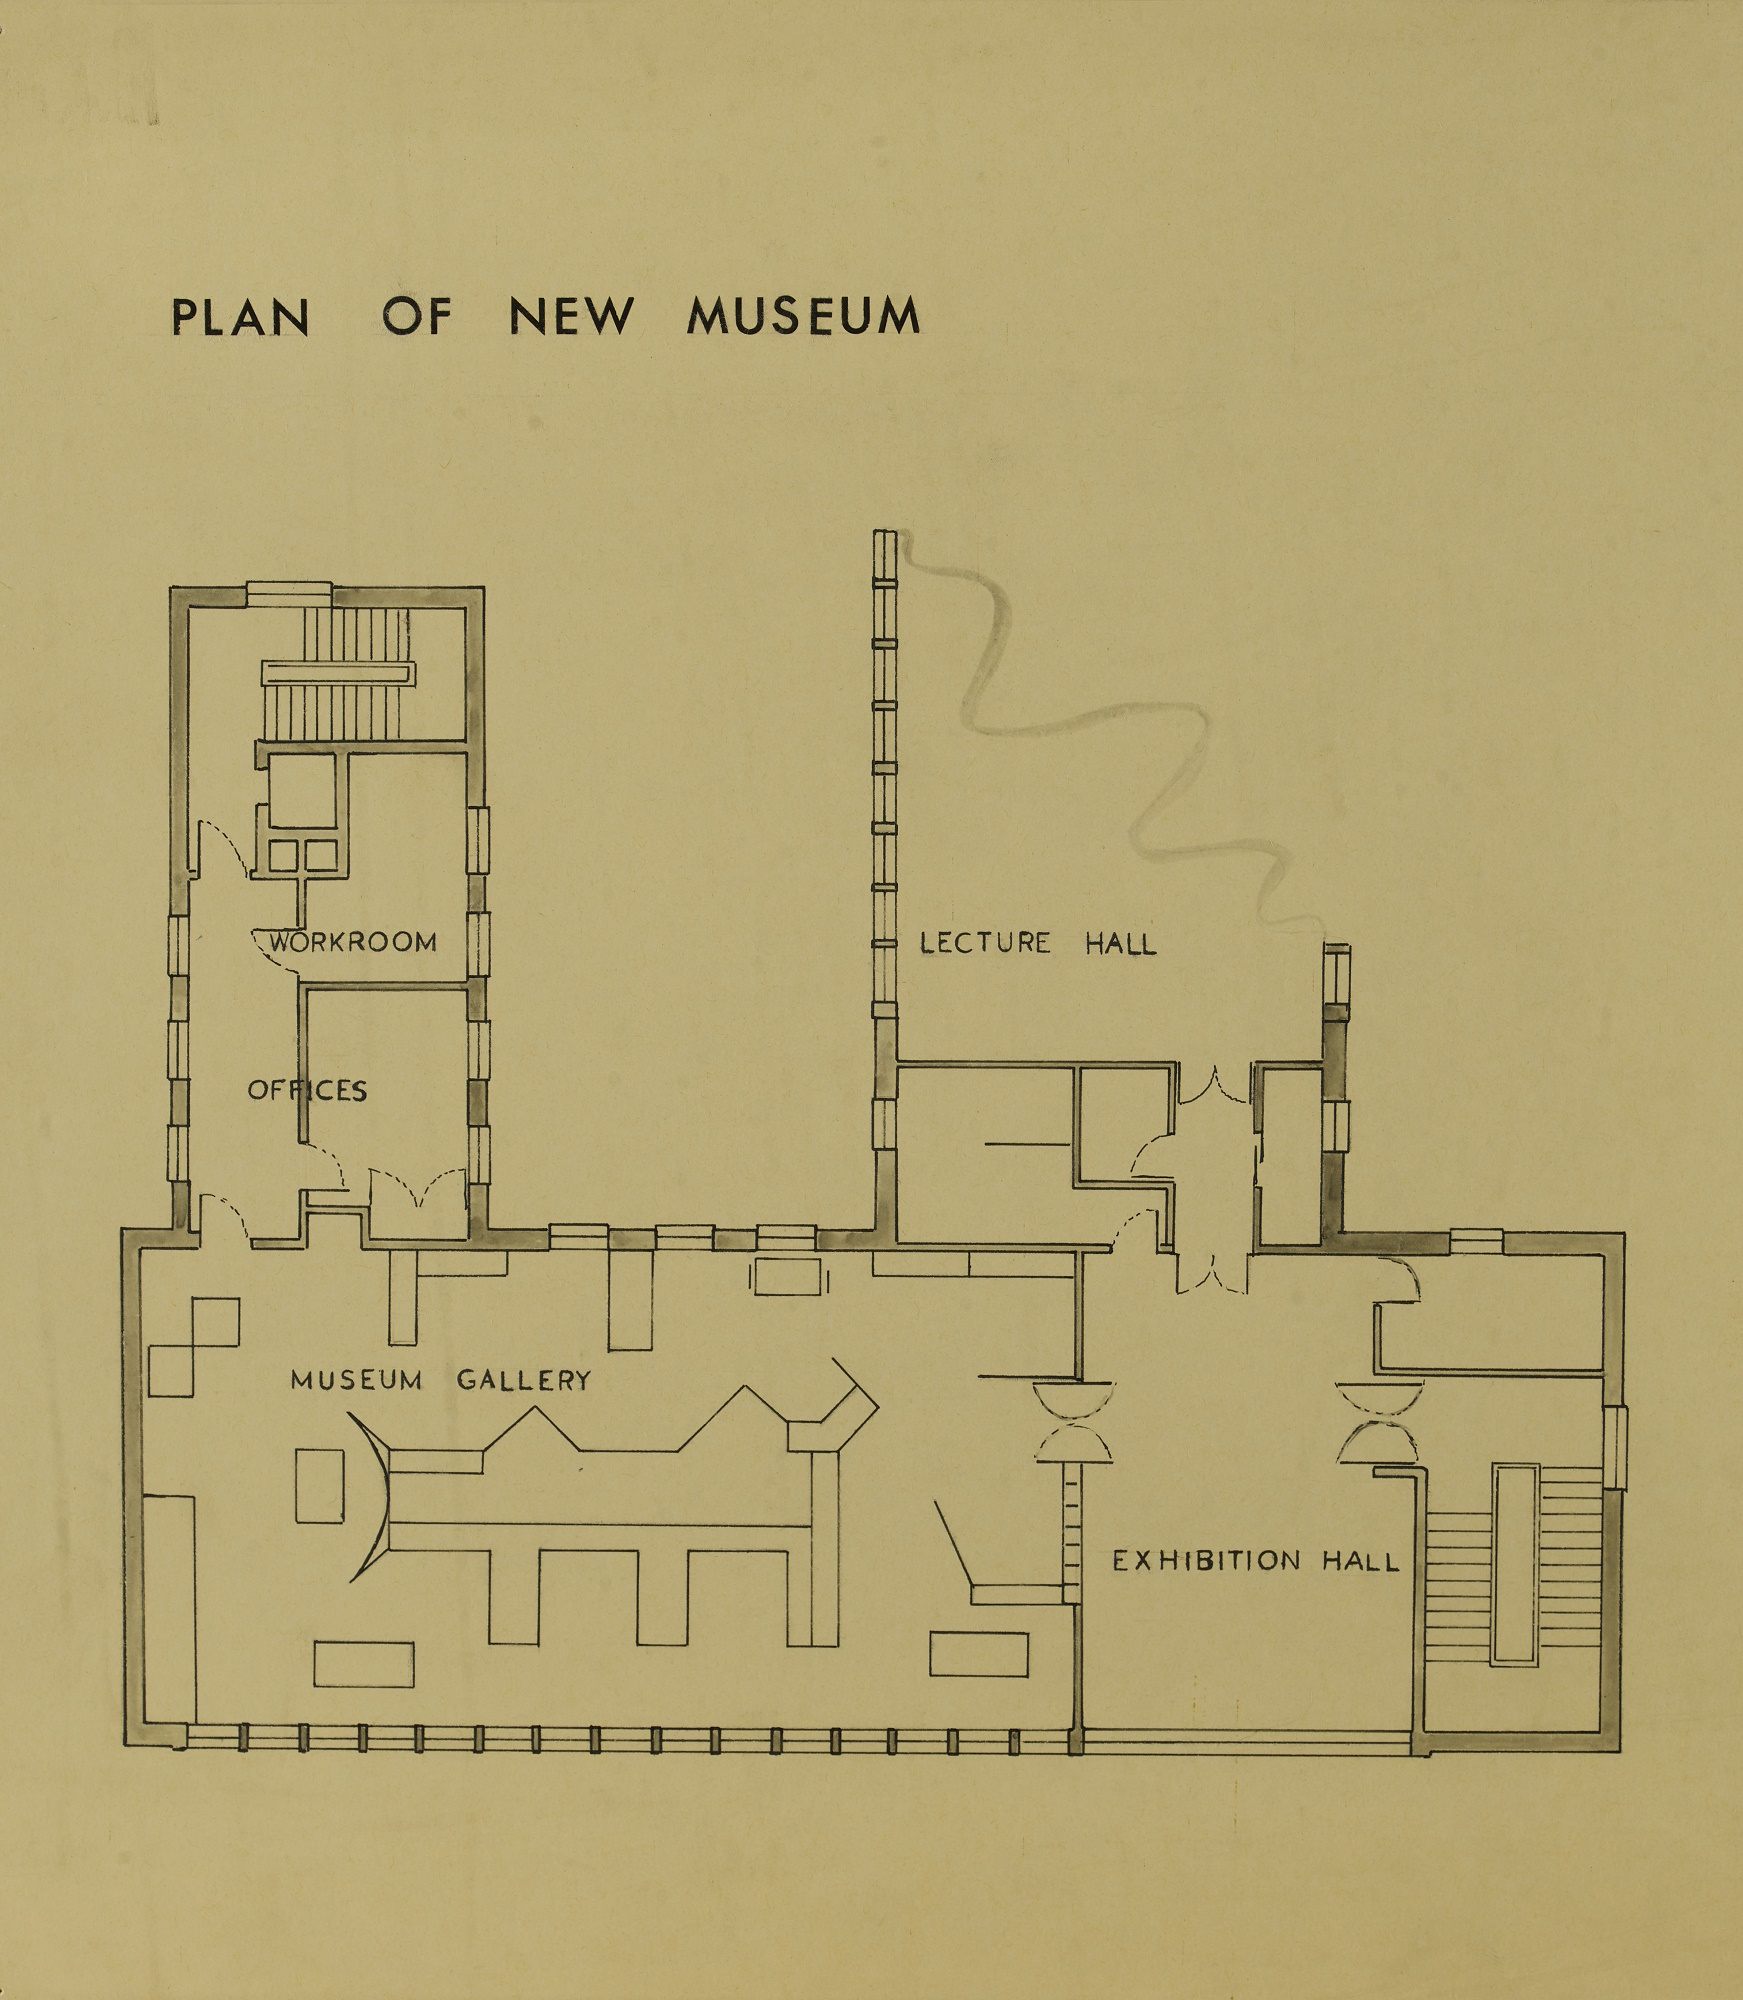 Plan of the new Weybridge Museum above Weybridge Library, Church Street, 1966